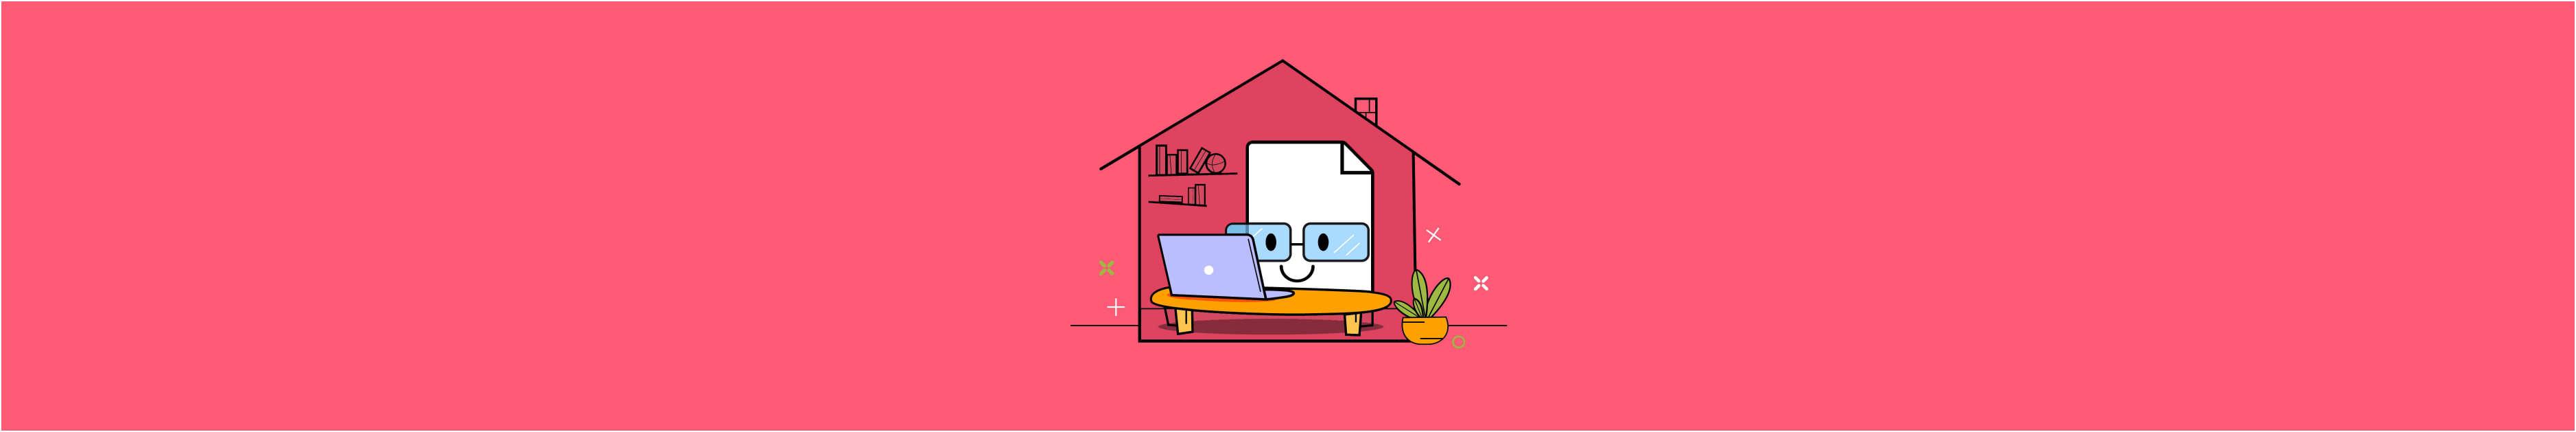 2020_08_12_3_herramientas_para_editar_un_pdf_desde_casa